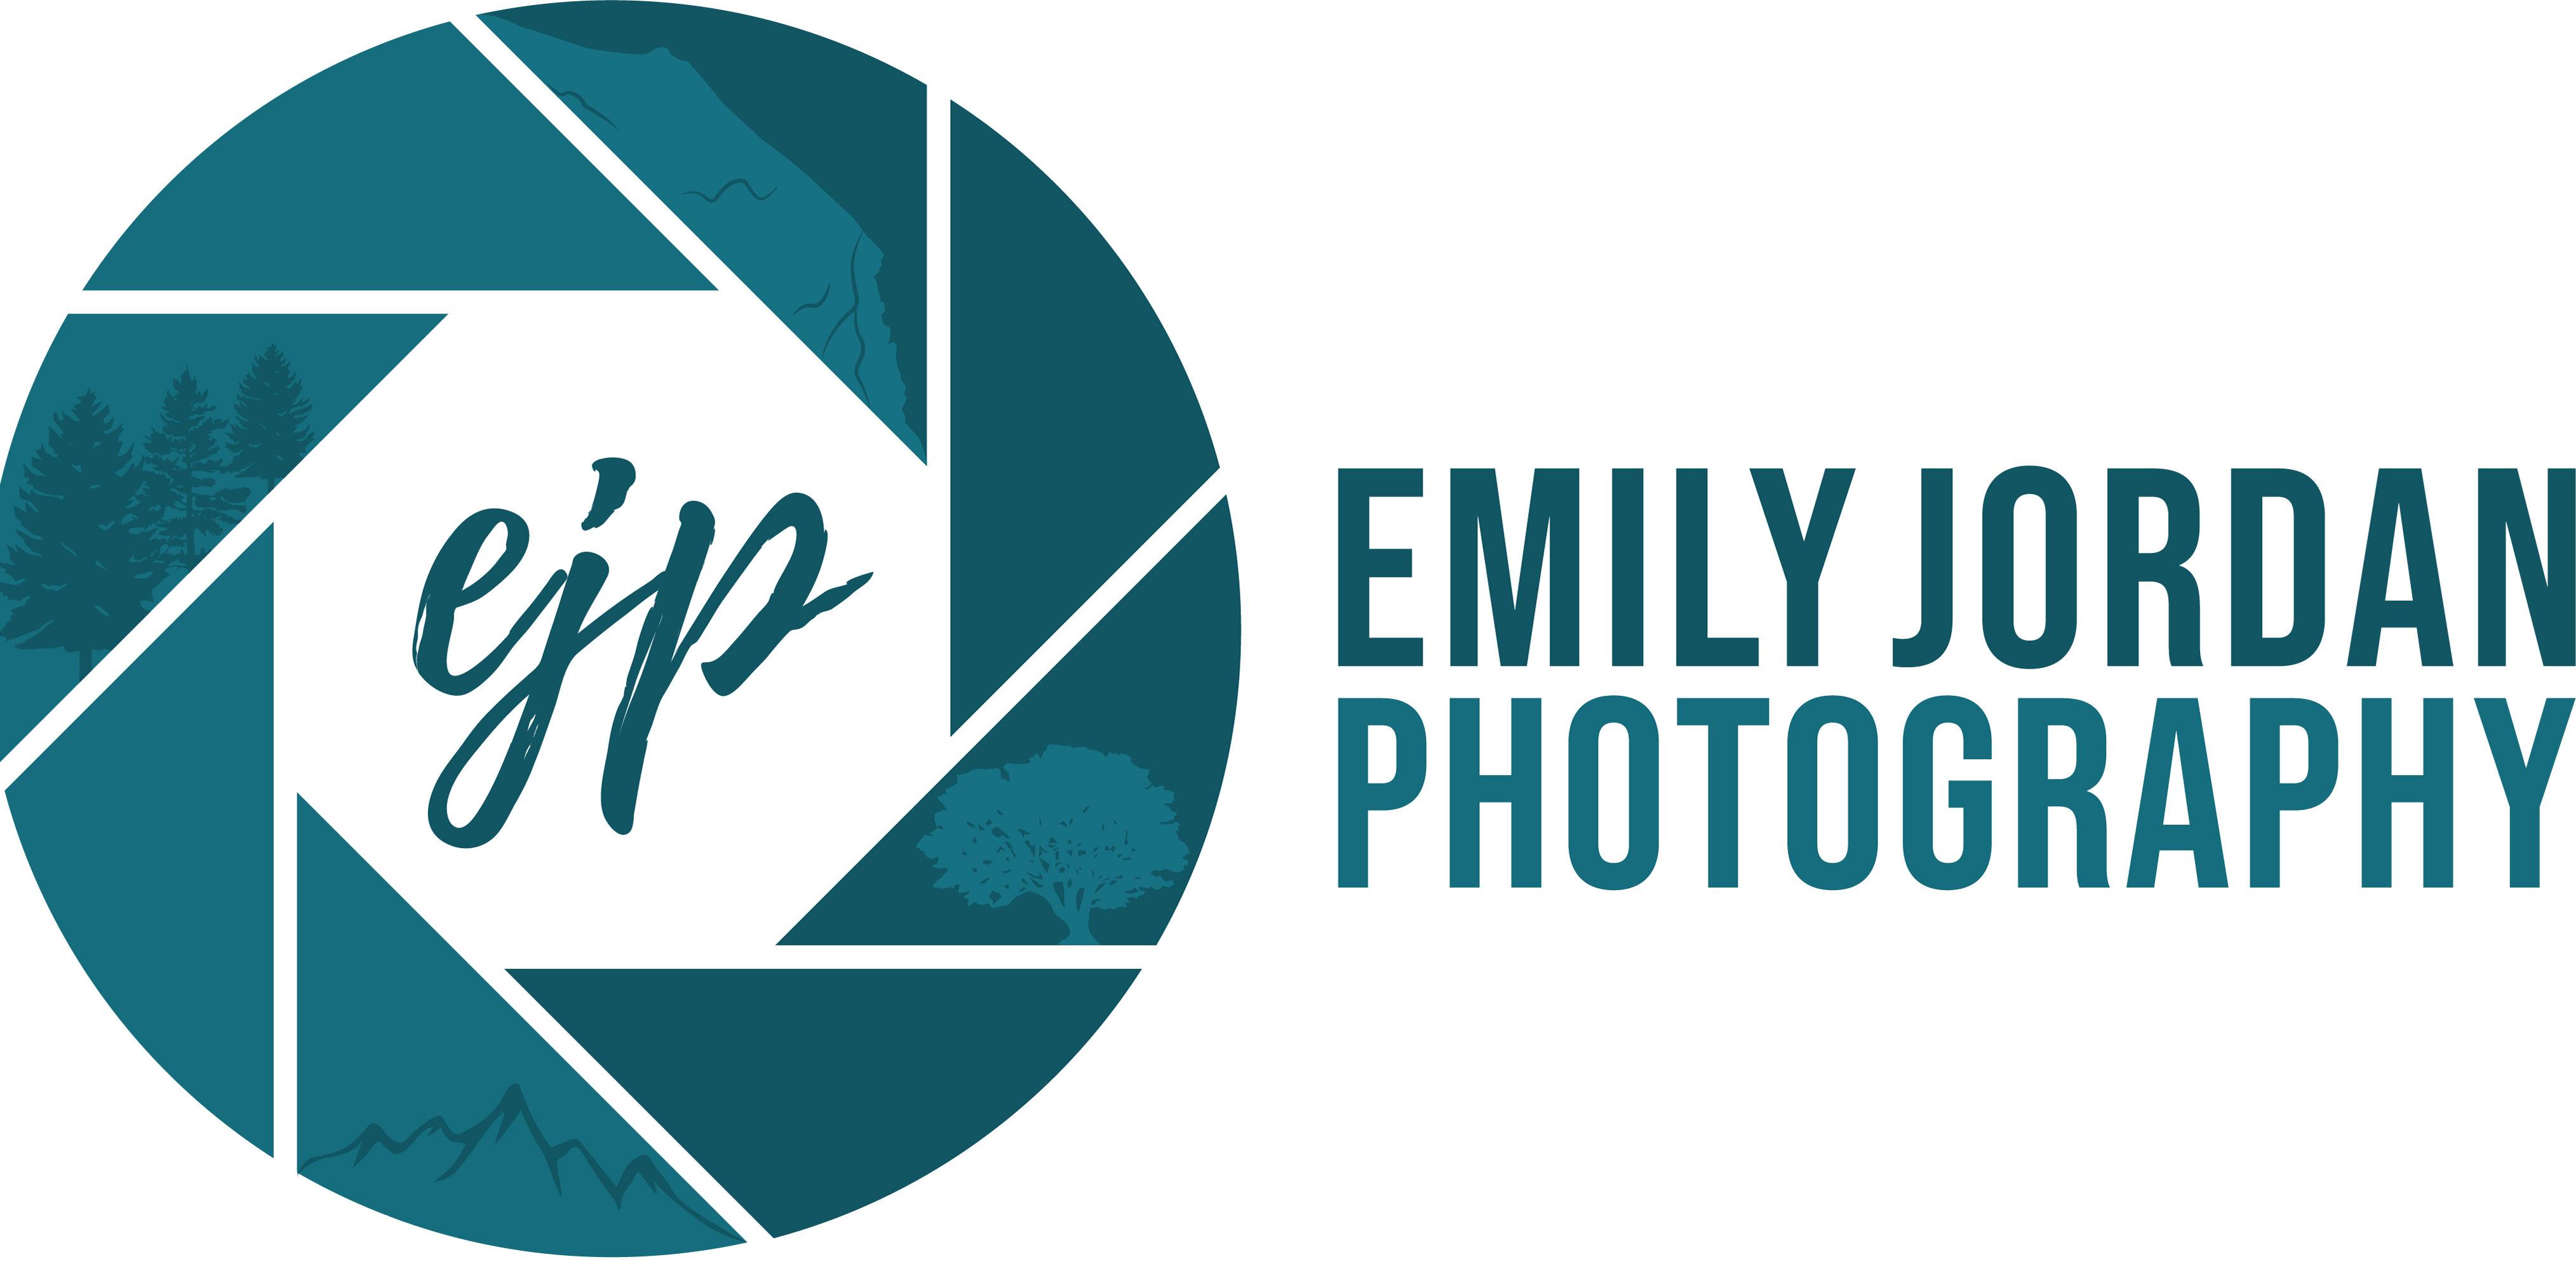 Emily Proctor